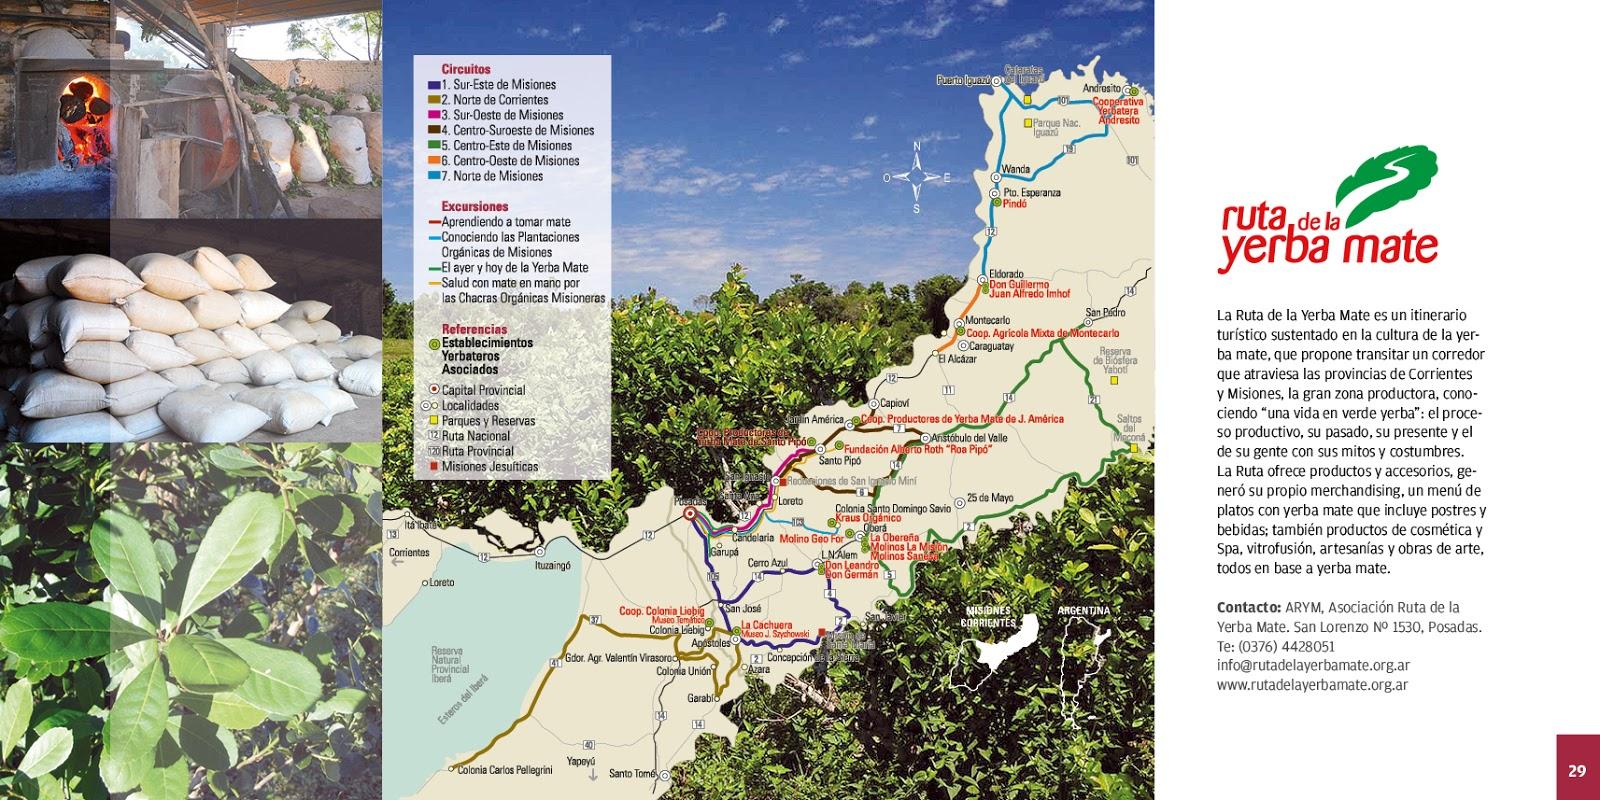 Circuito Yerba Mate : Noticias de la ruta de la yerba mate nueva folleteria de misiones